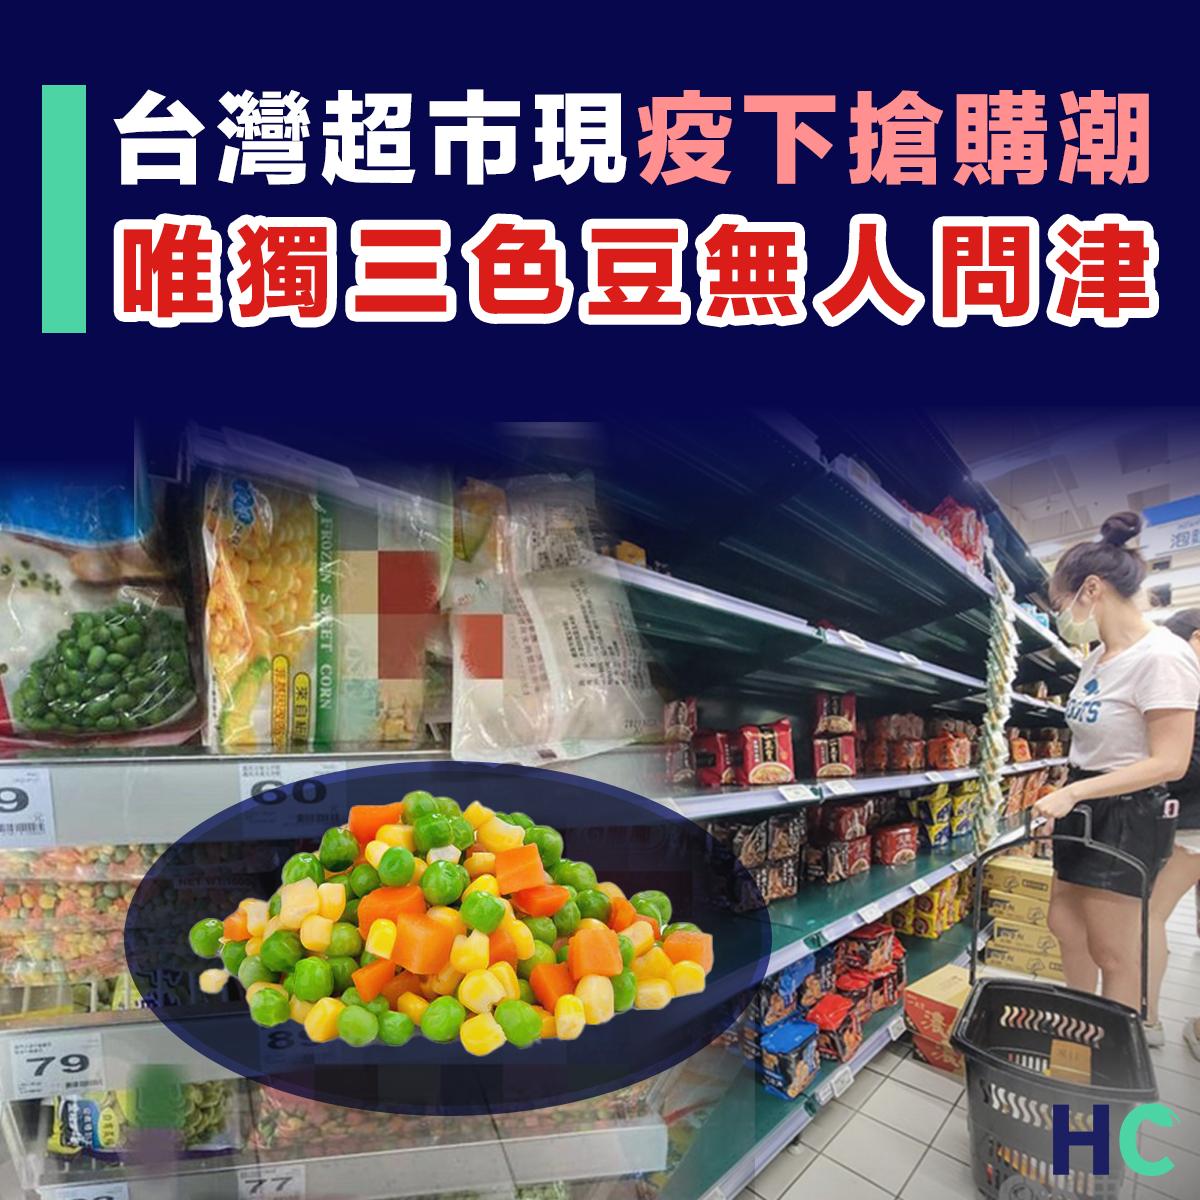 台灣疫情升溫超市現搶購潮